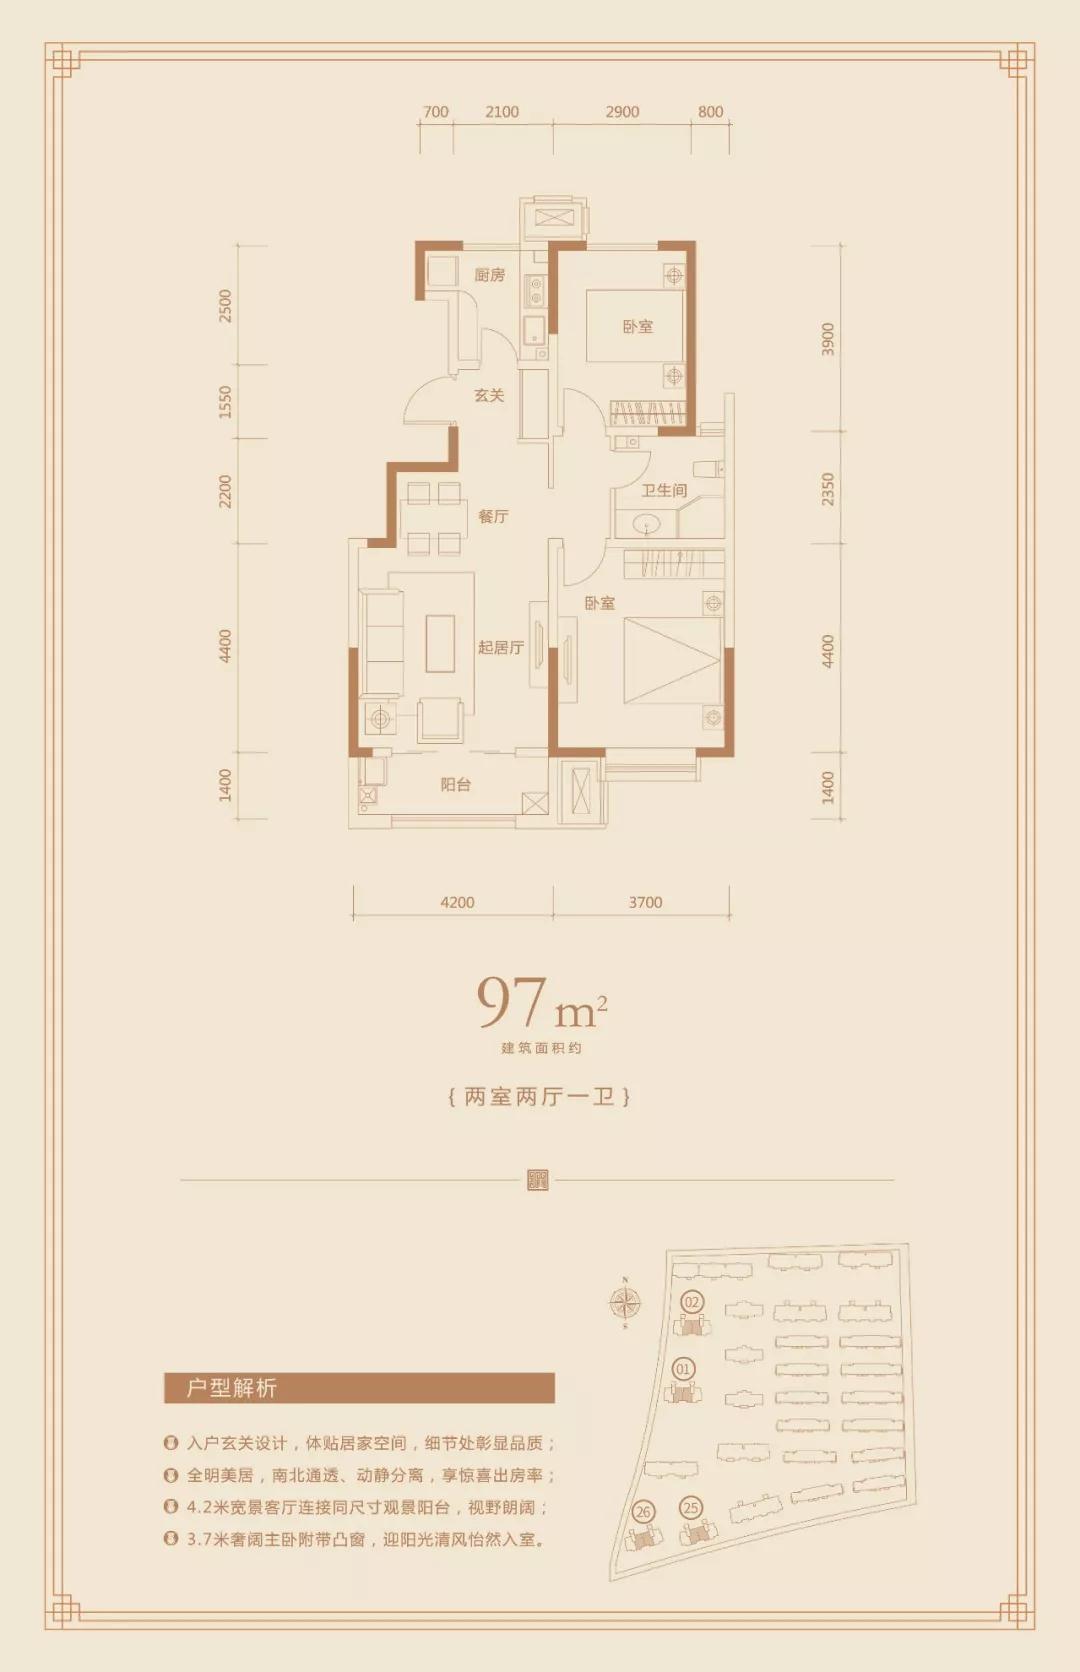 洋房C'户型 两室两厅一卫97平米